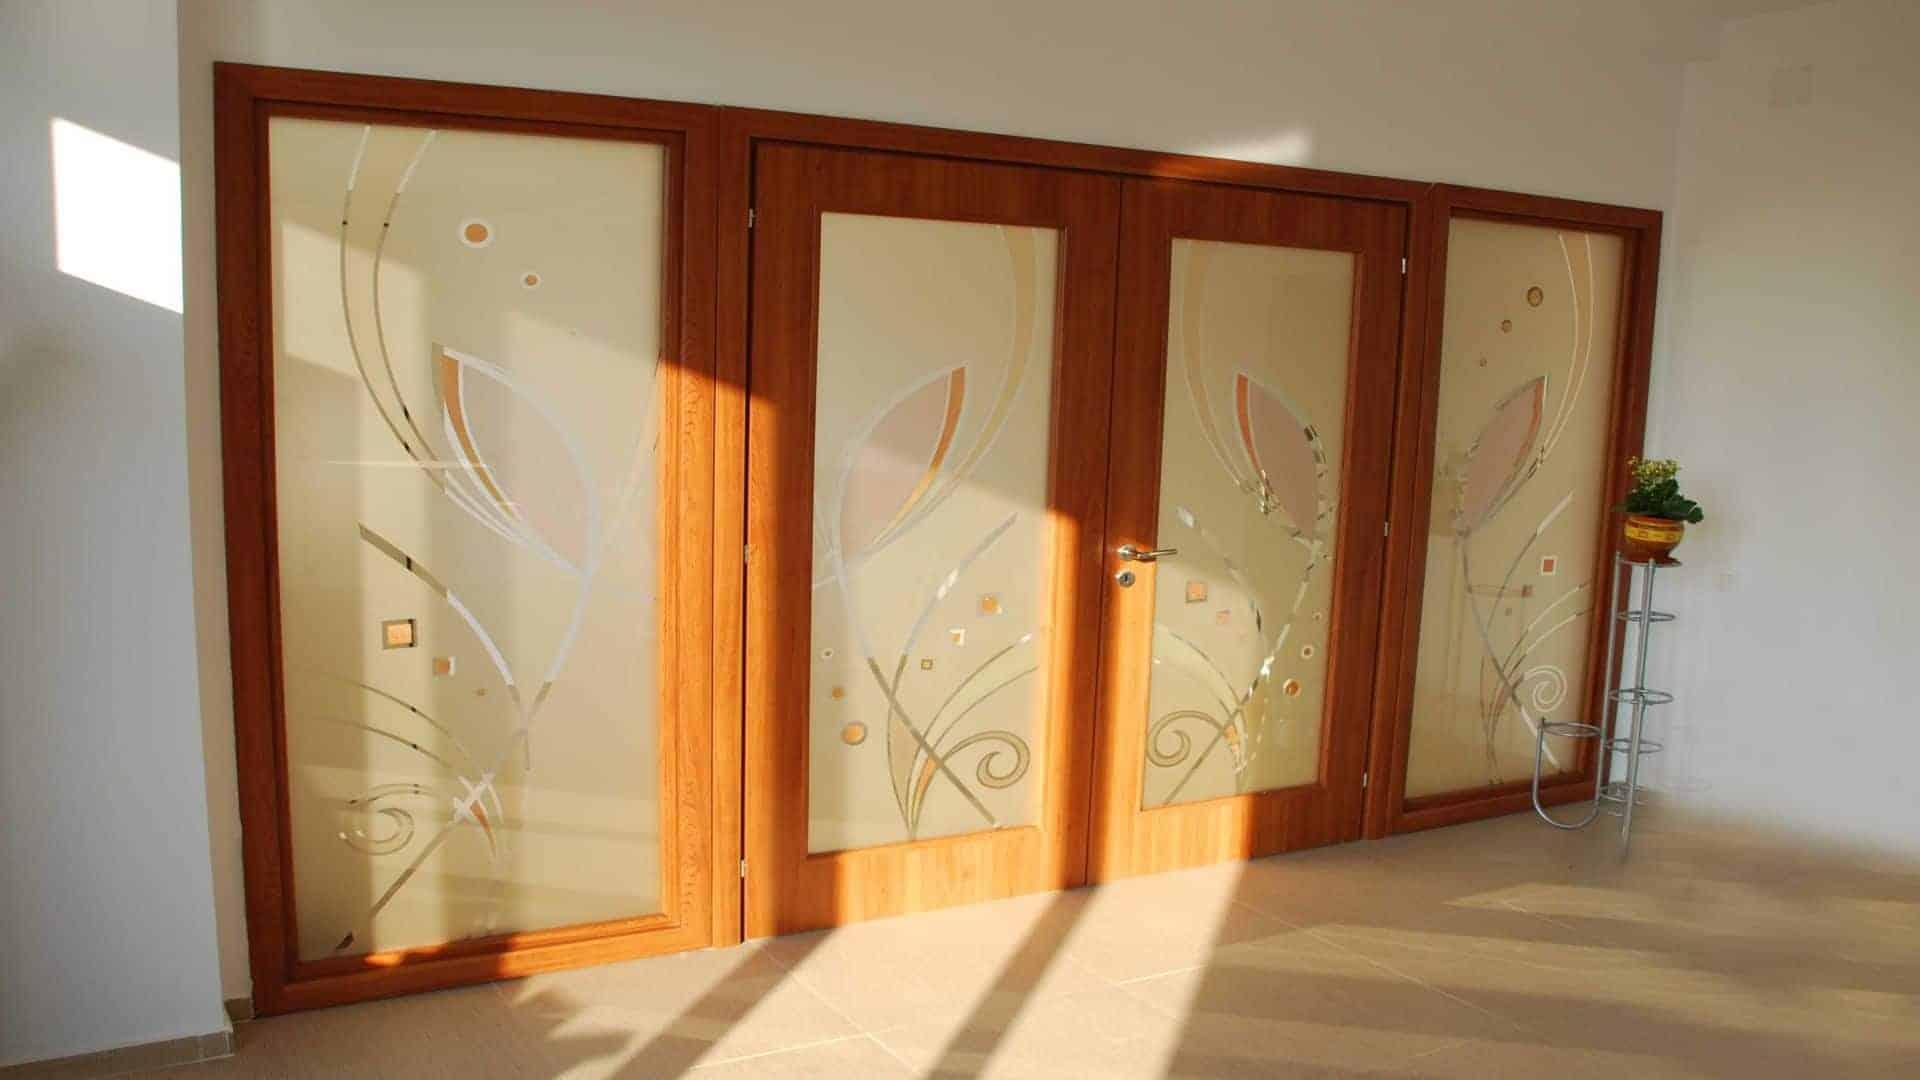 vitralii artistice slide sticla sablata colorata 1 1